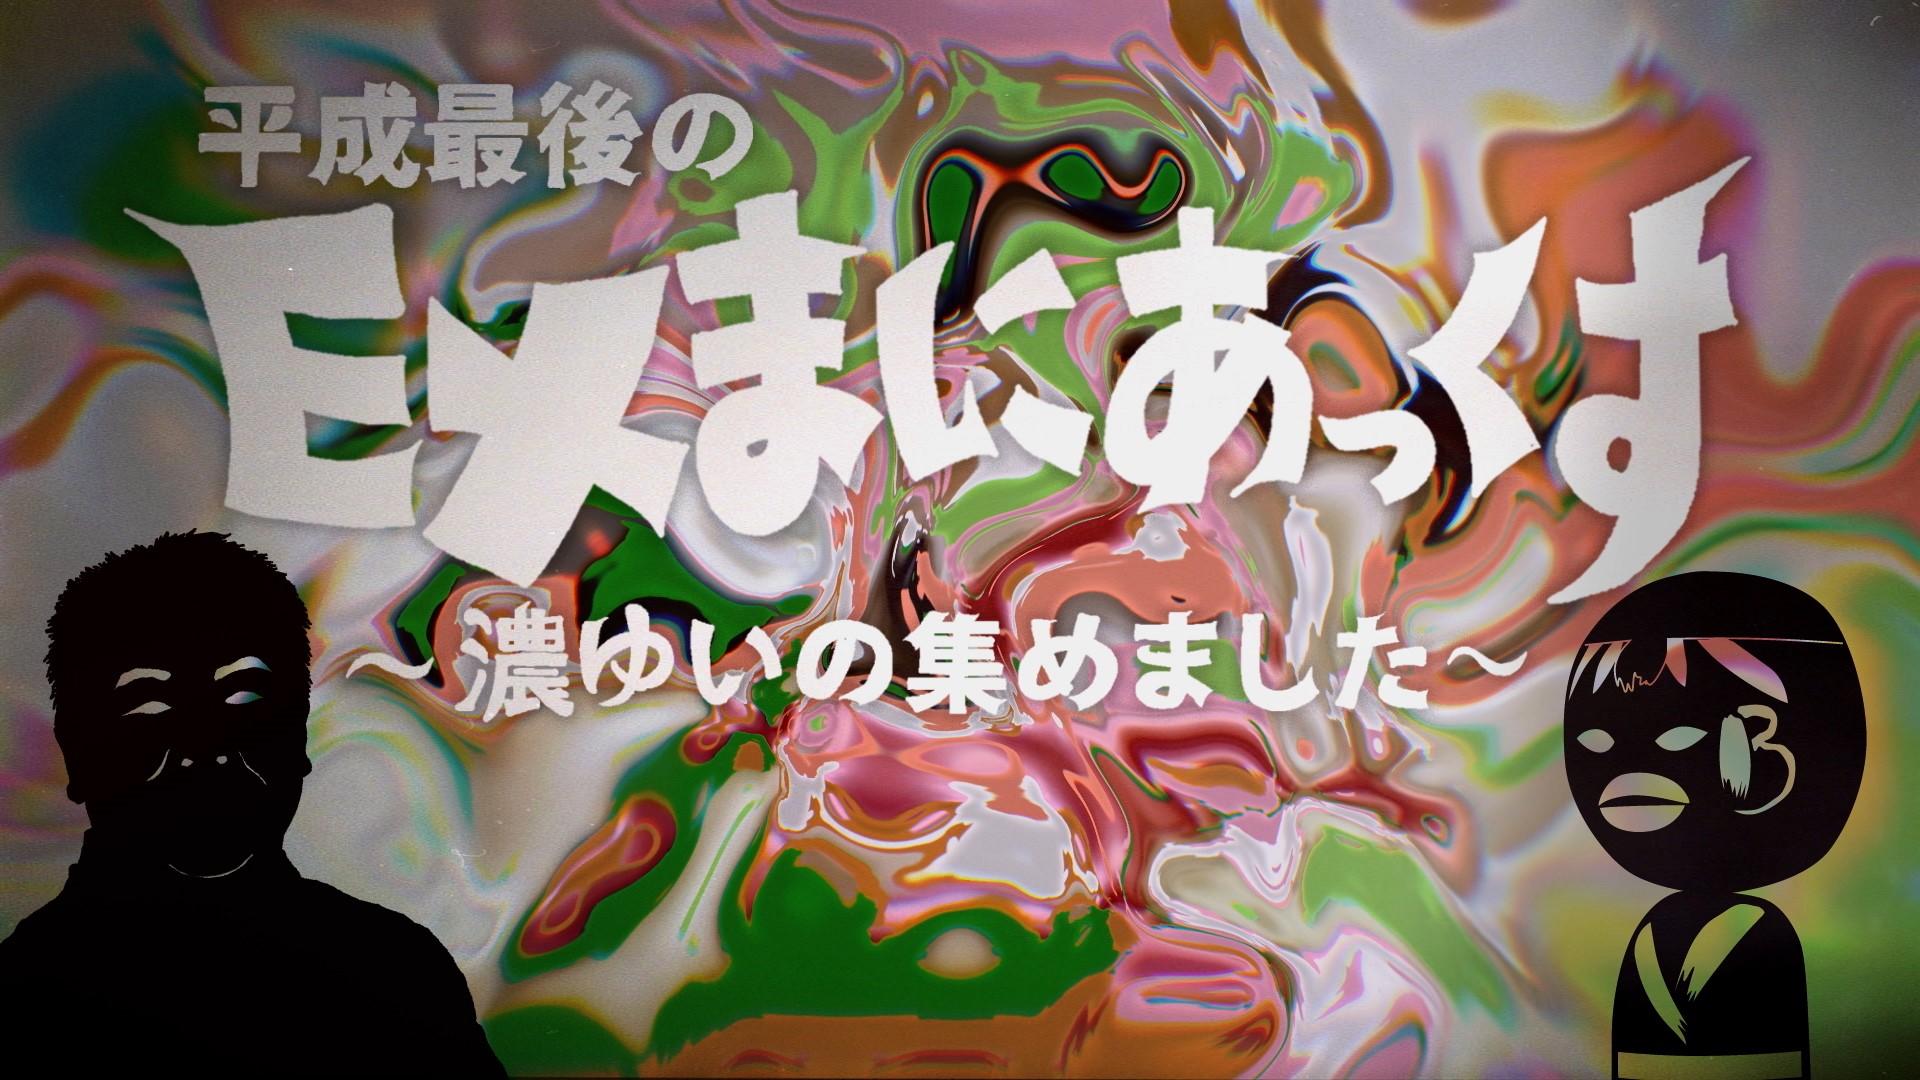 11月25日(日)12:00 O.A. <br>テレ朝チャンネル2「平成最後のEXまにあっくす ~濃ゆいの集めました~」